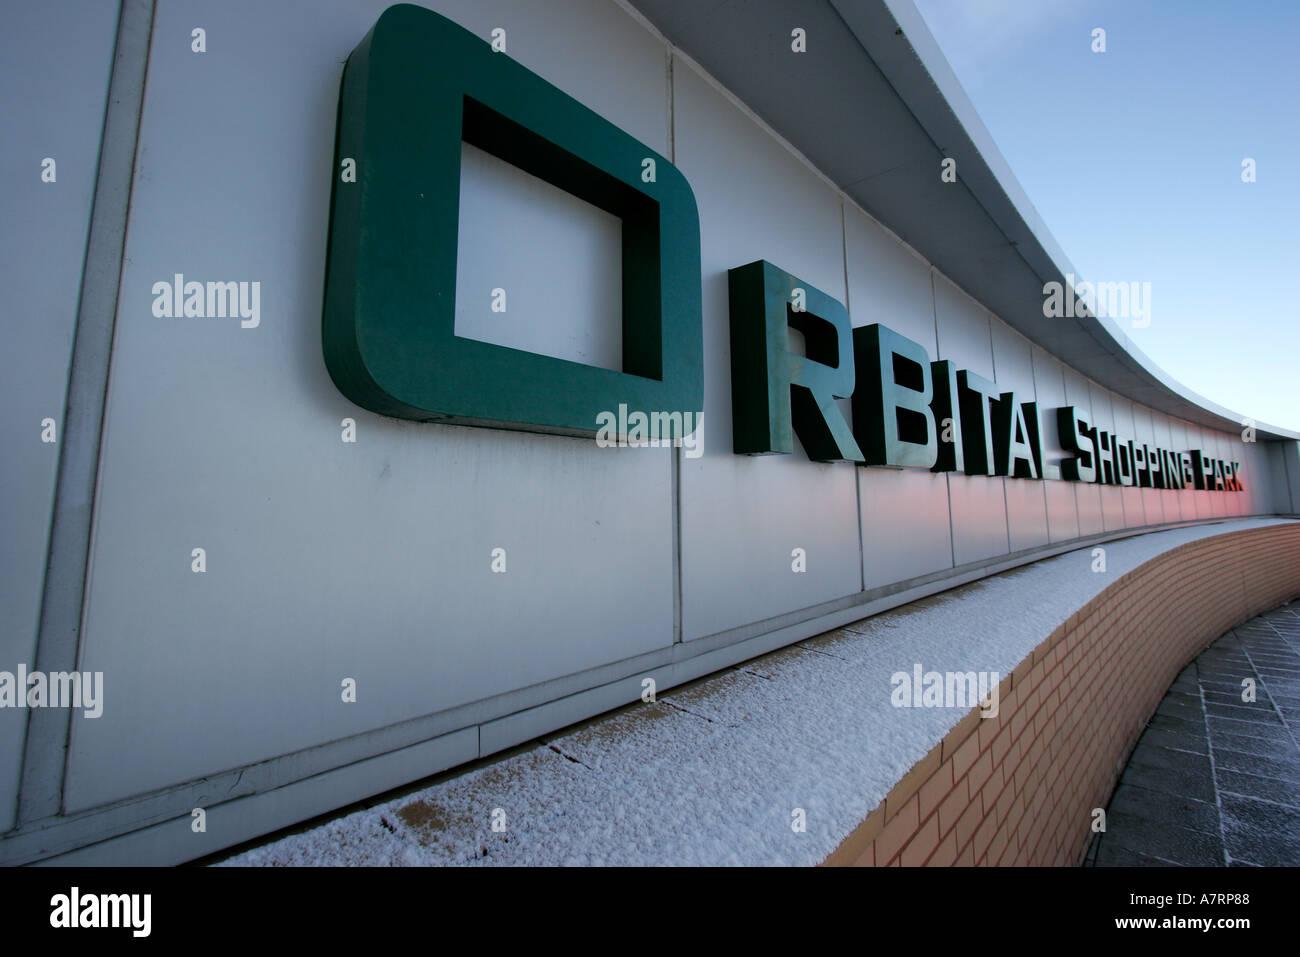 Advertisement for Orbital Shopping Park - Stock Image